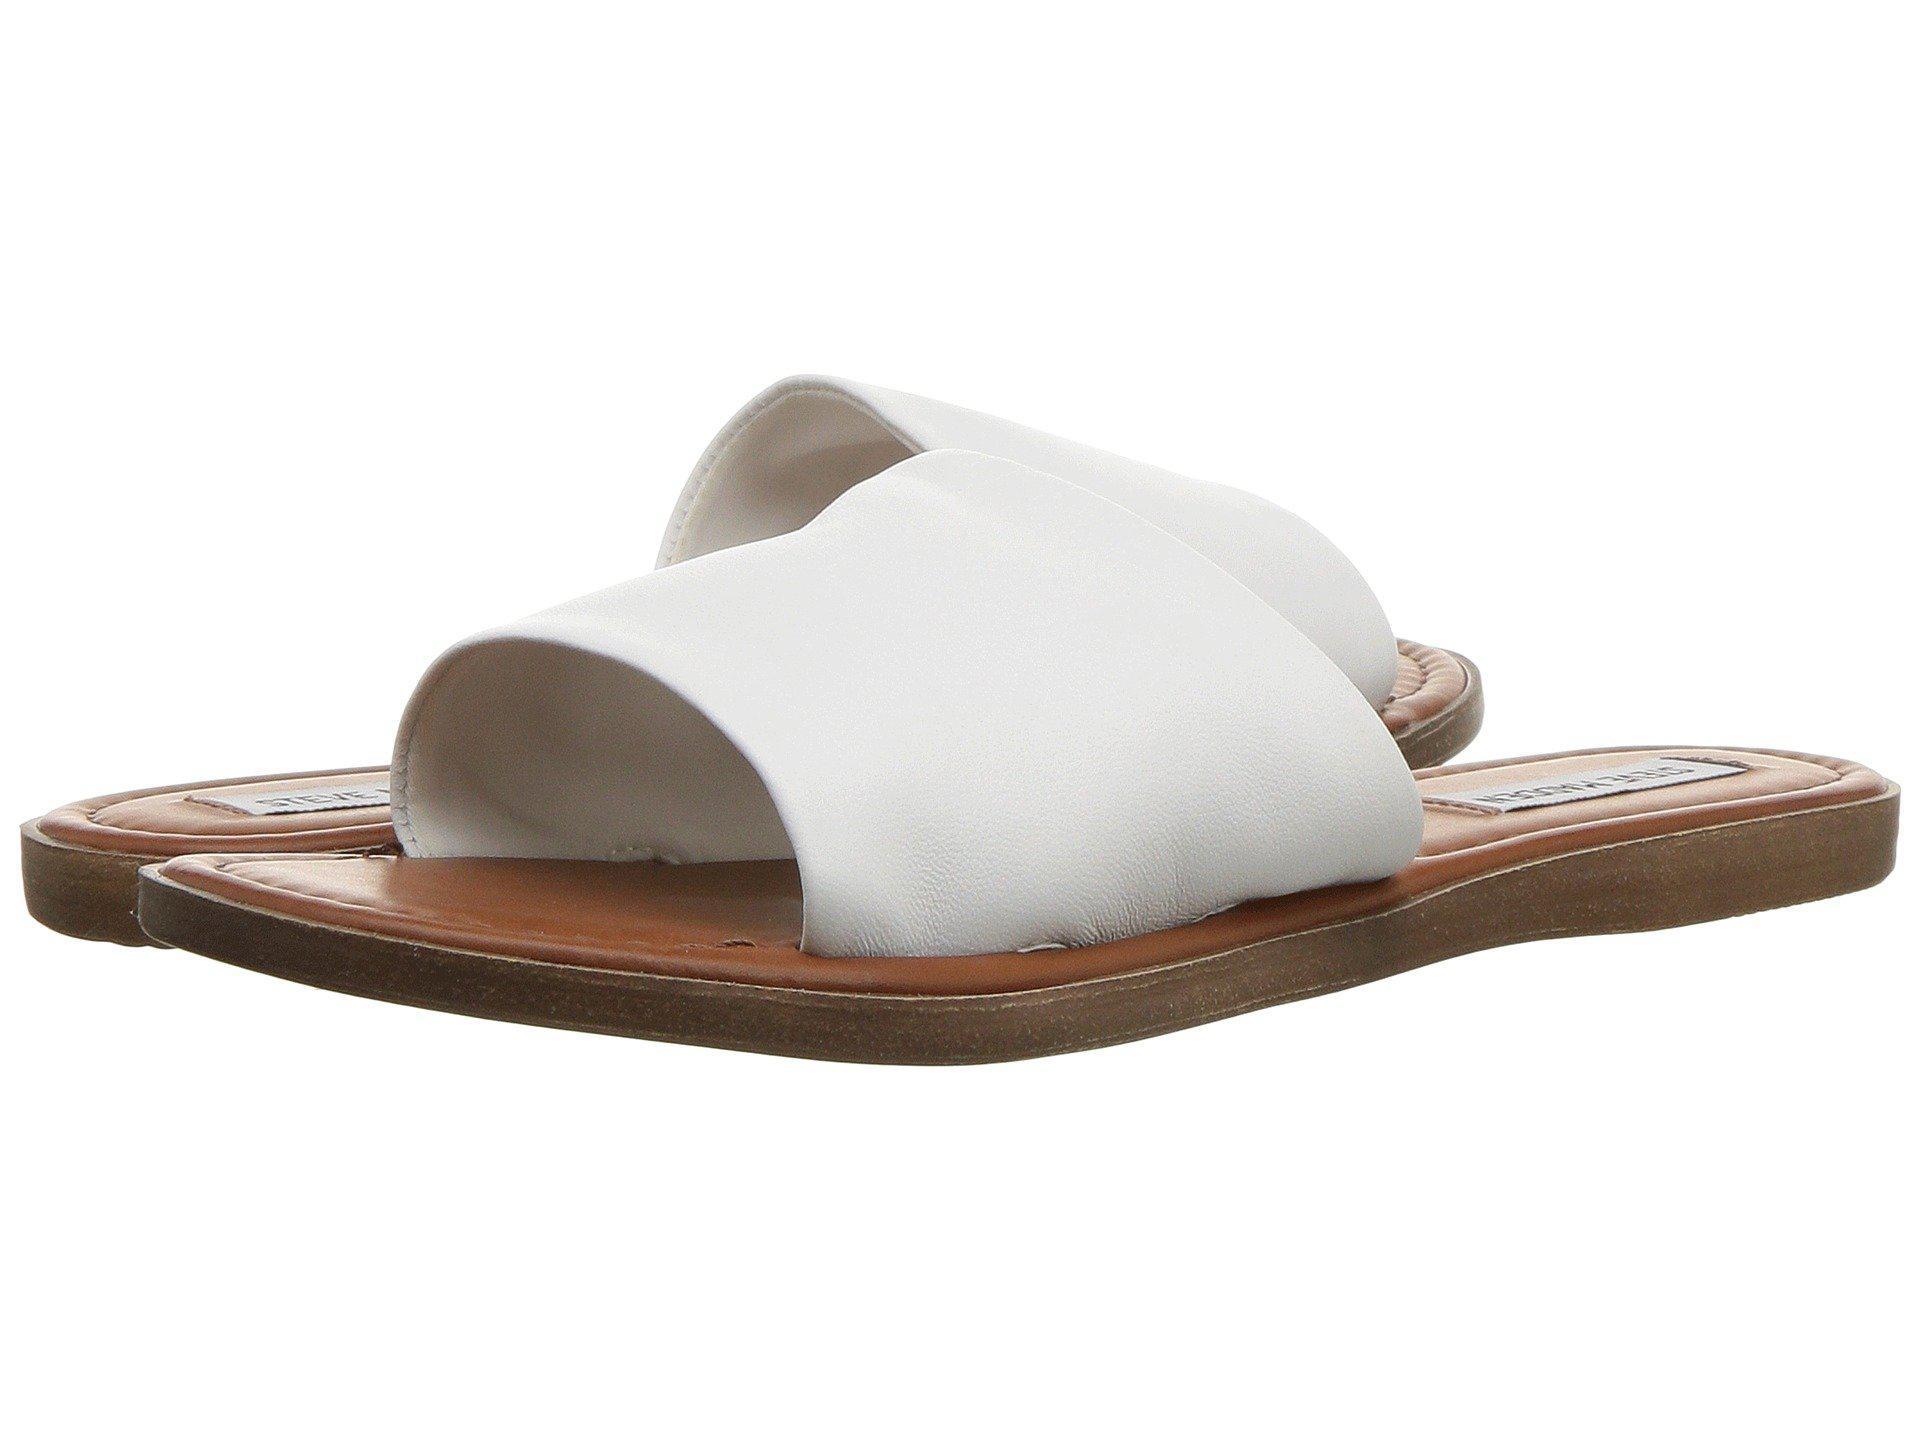 steve madden white flat sandals